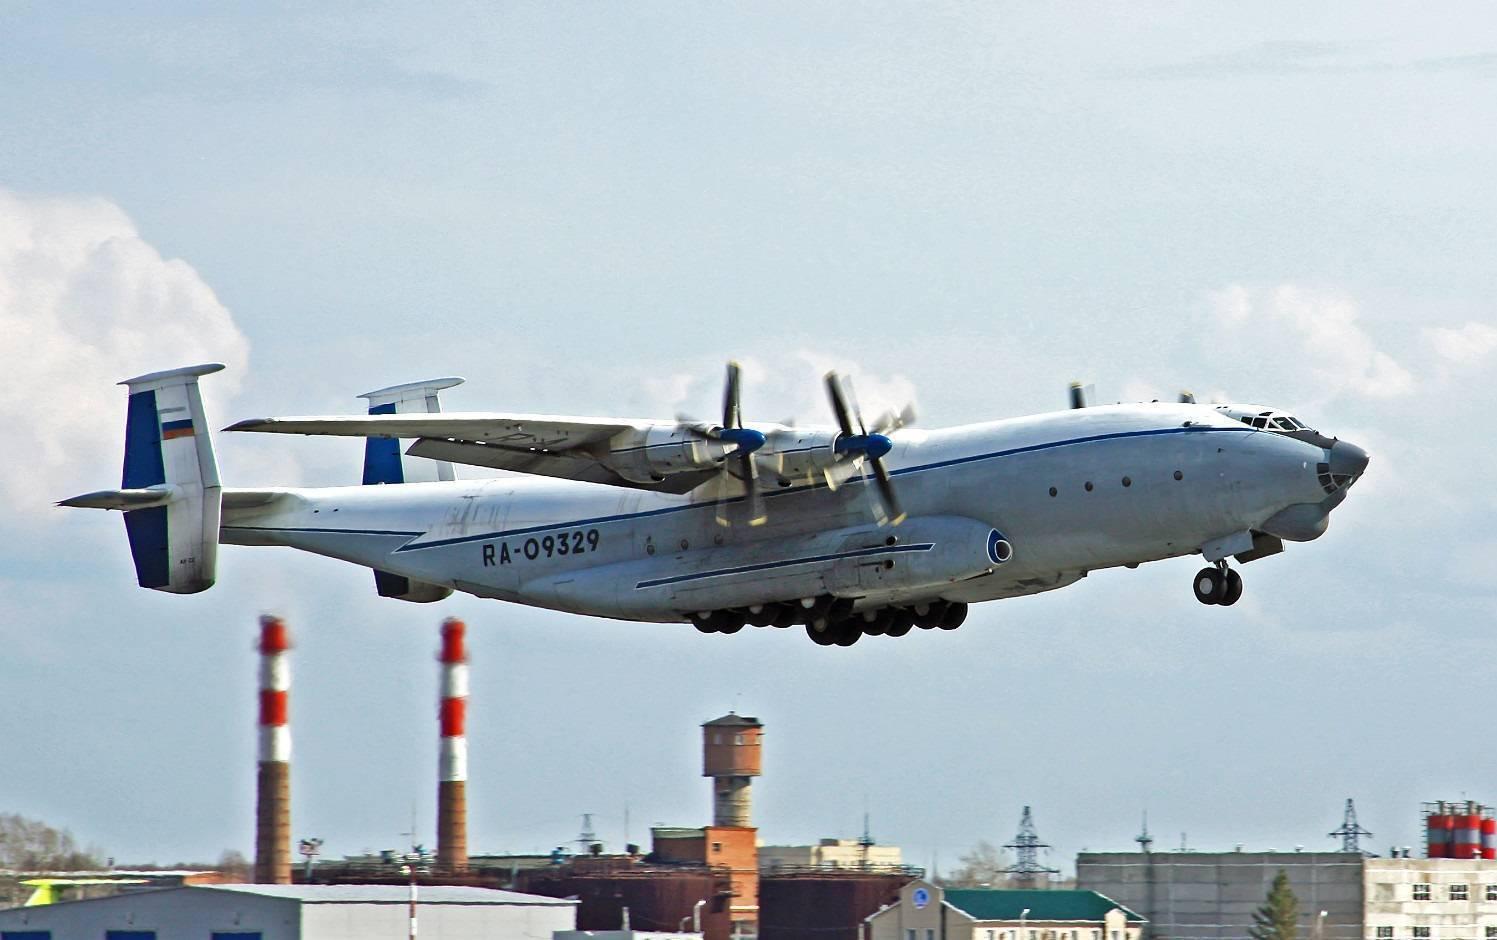 Под тулой разбился самолет ан-22 «антей»